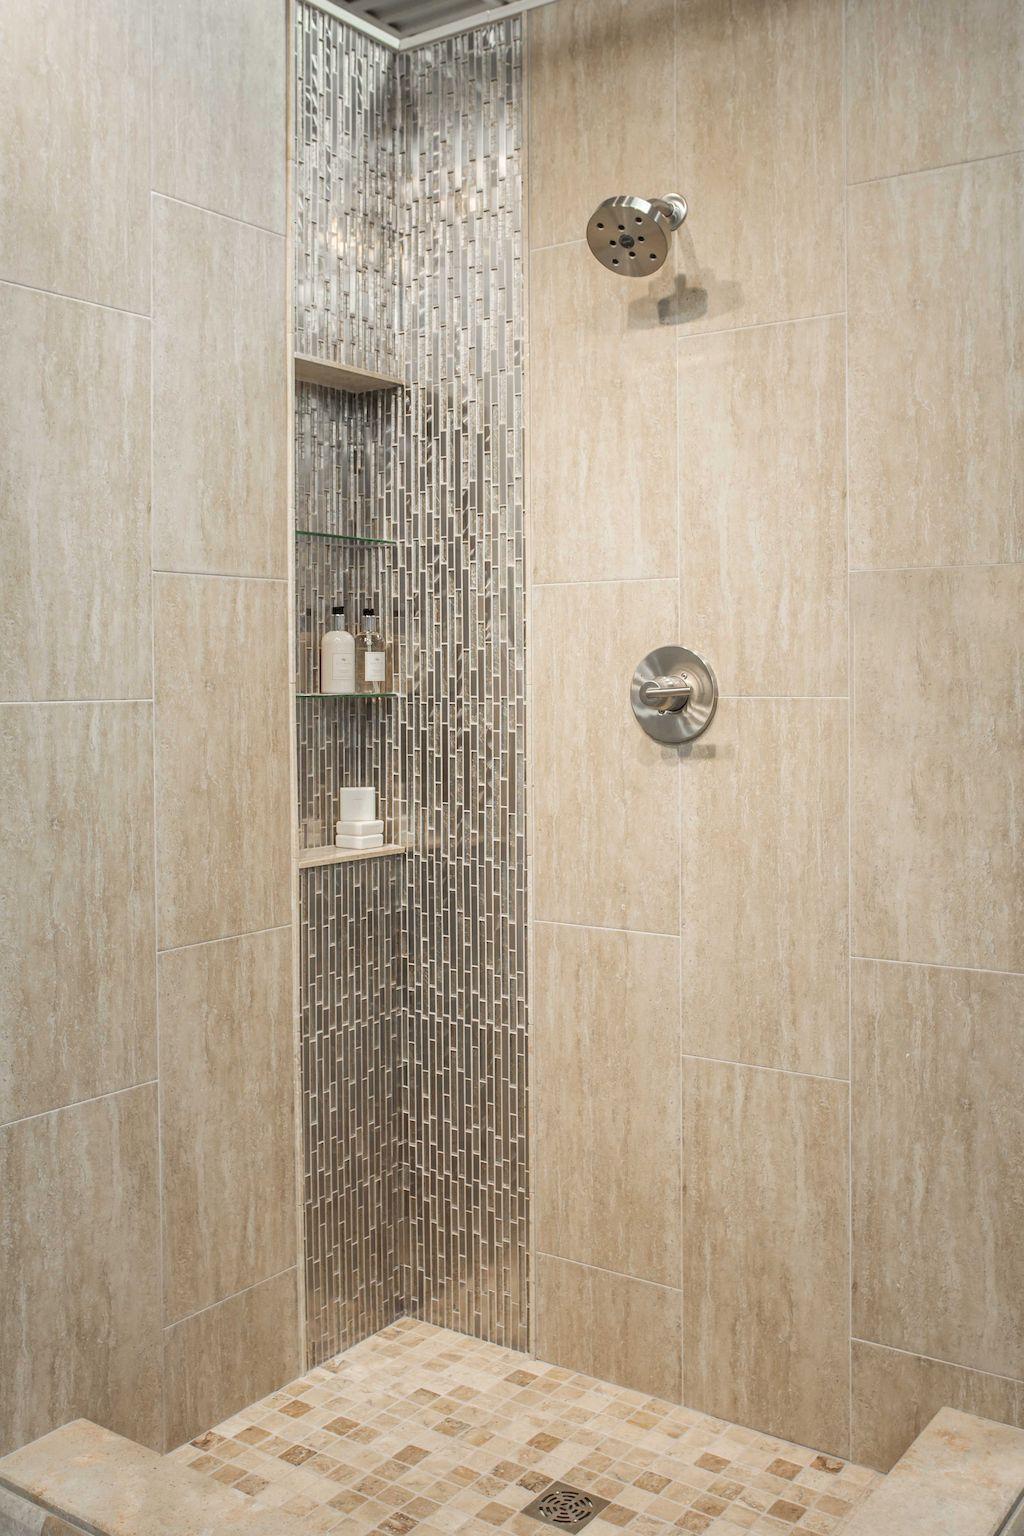 Modern bathroom shower design ideas 15   Homevialand.com ...